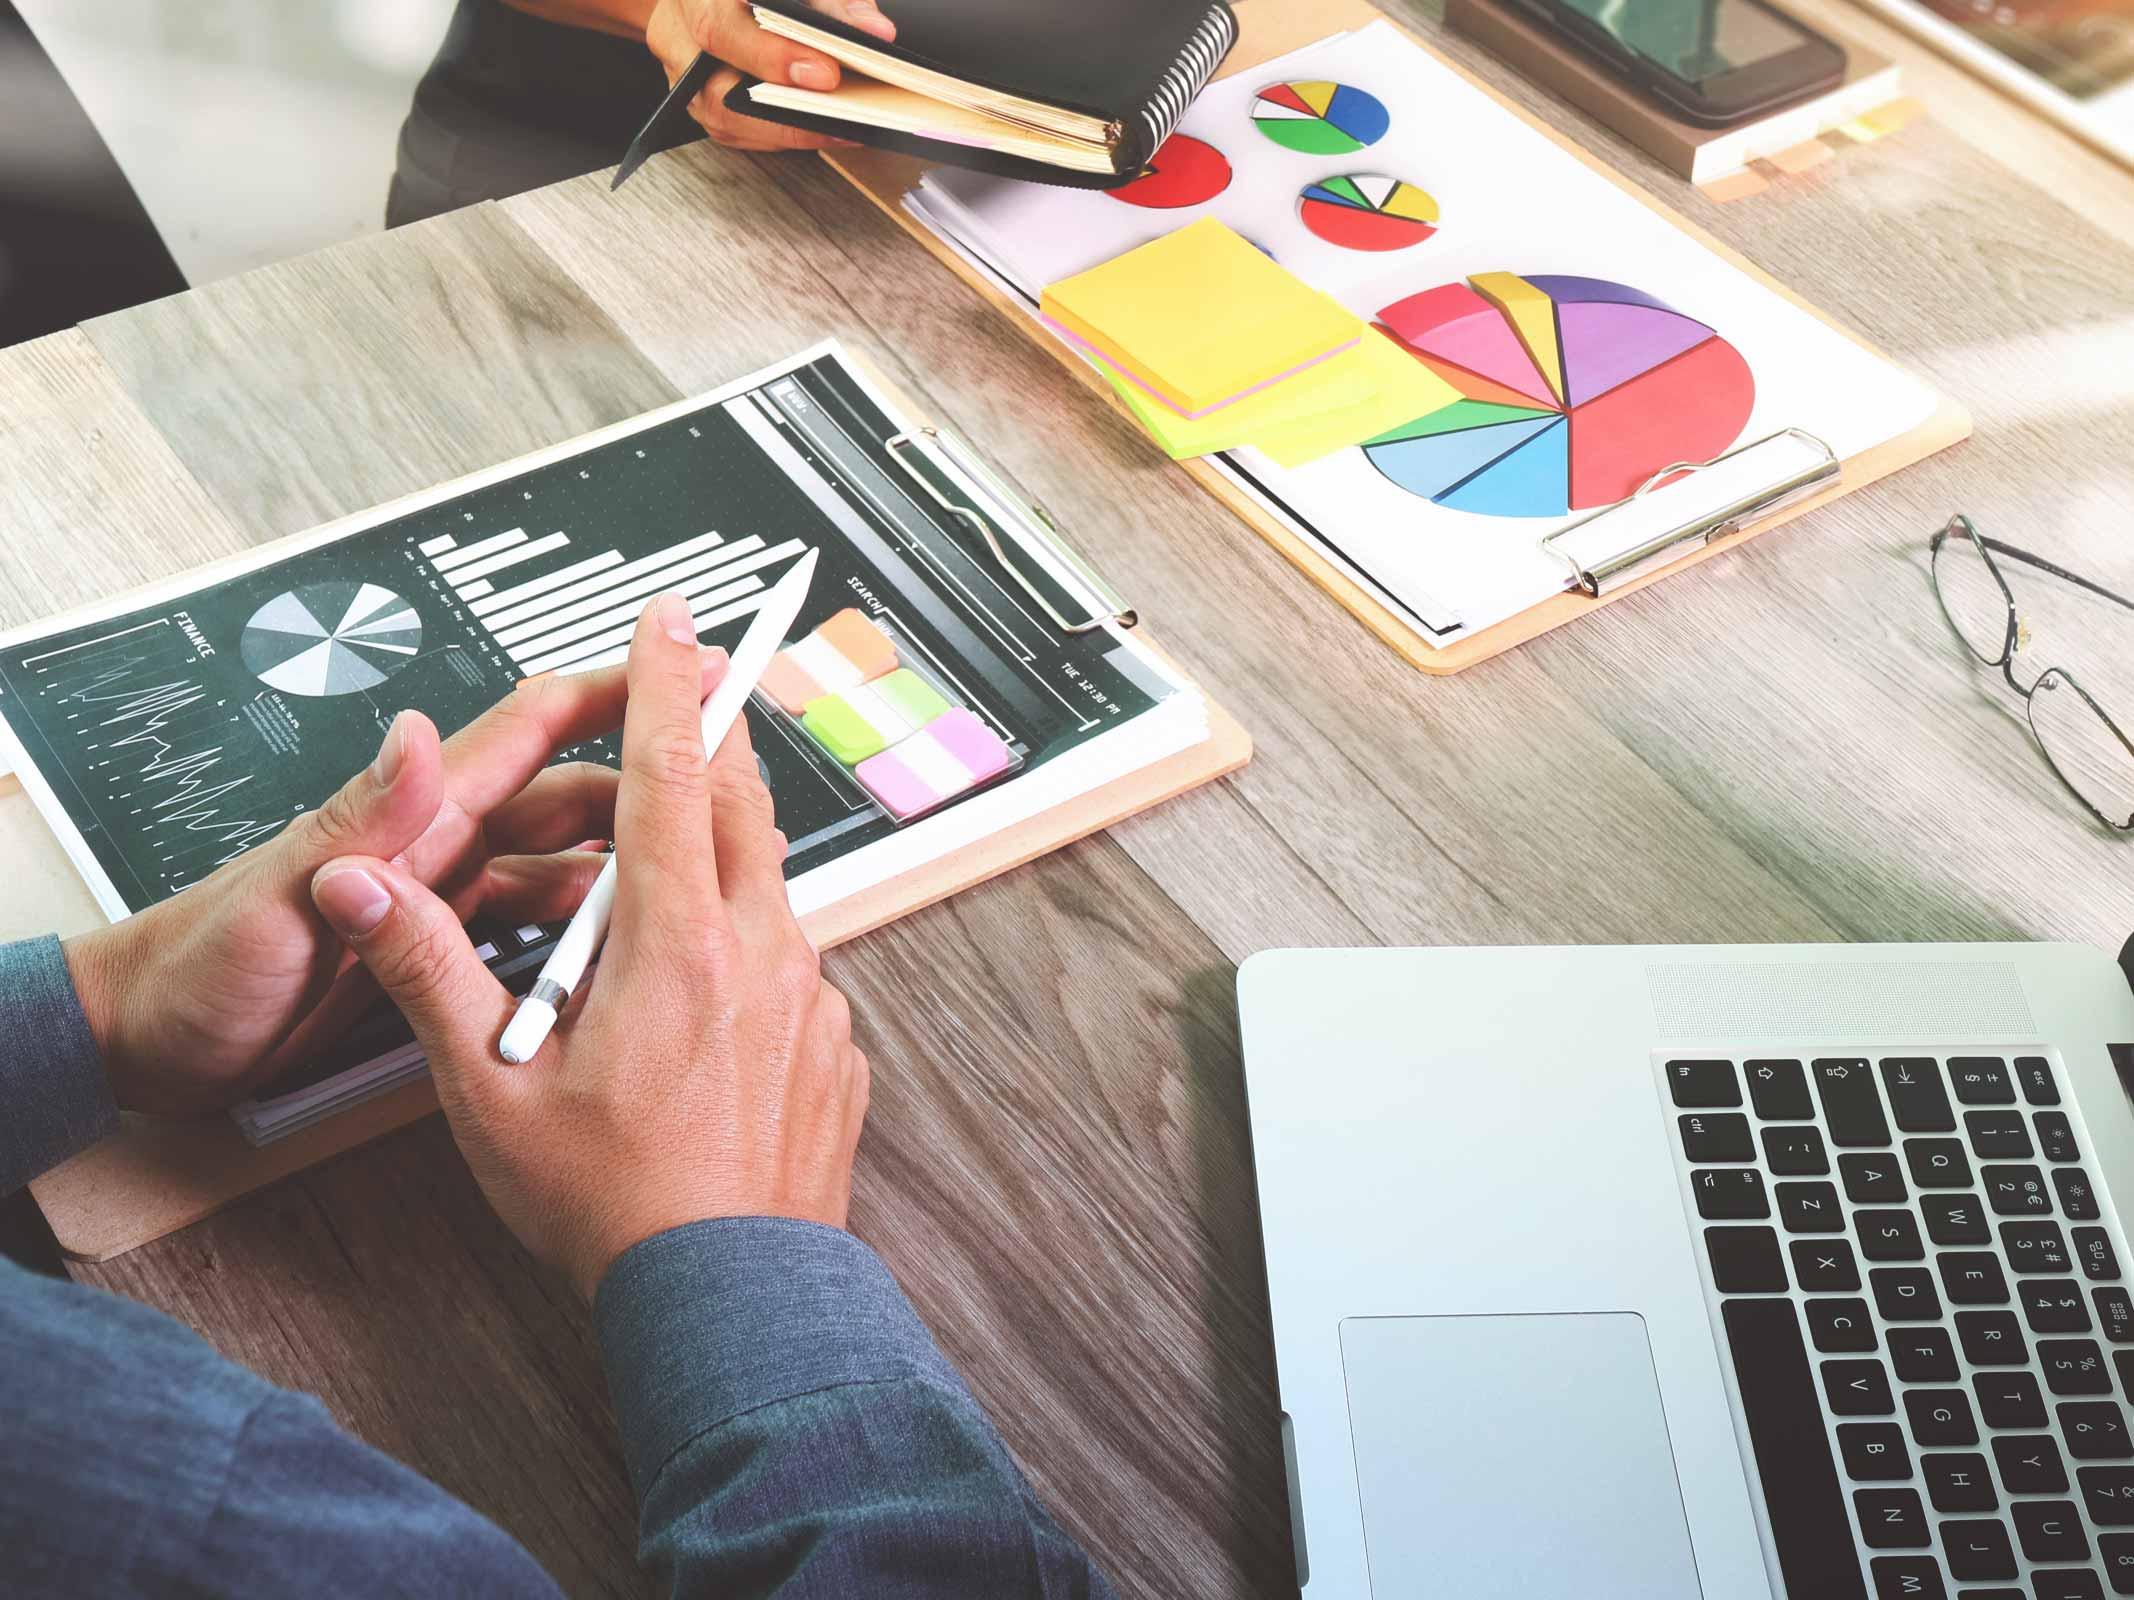 bureau avec ordinateur portable, papiers avec graphiques et lunettes